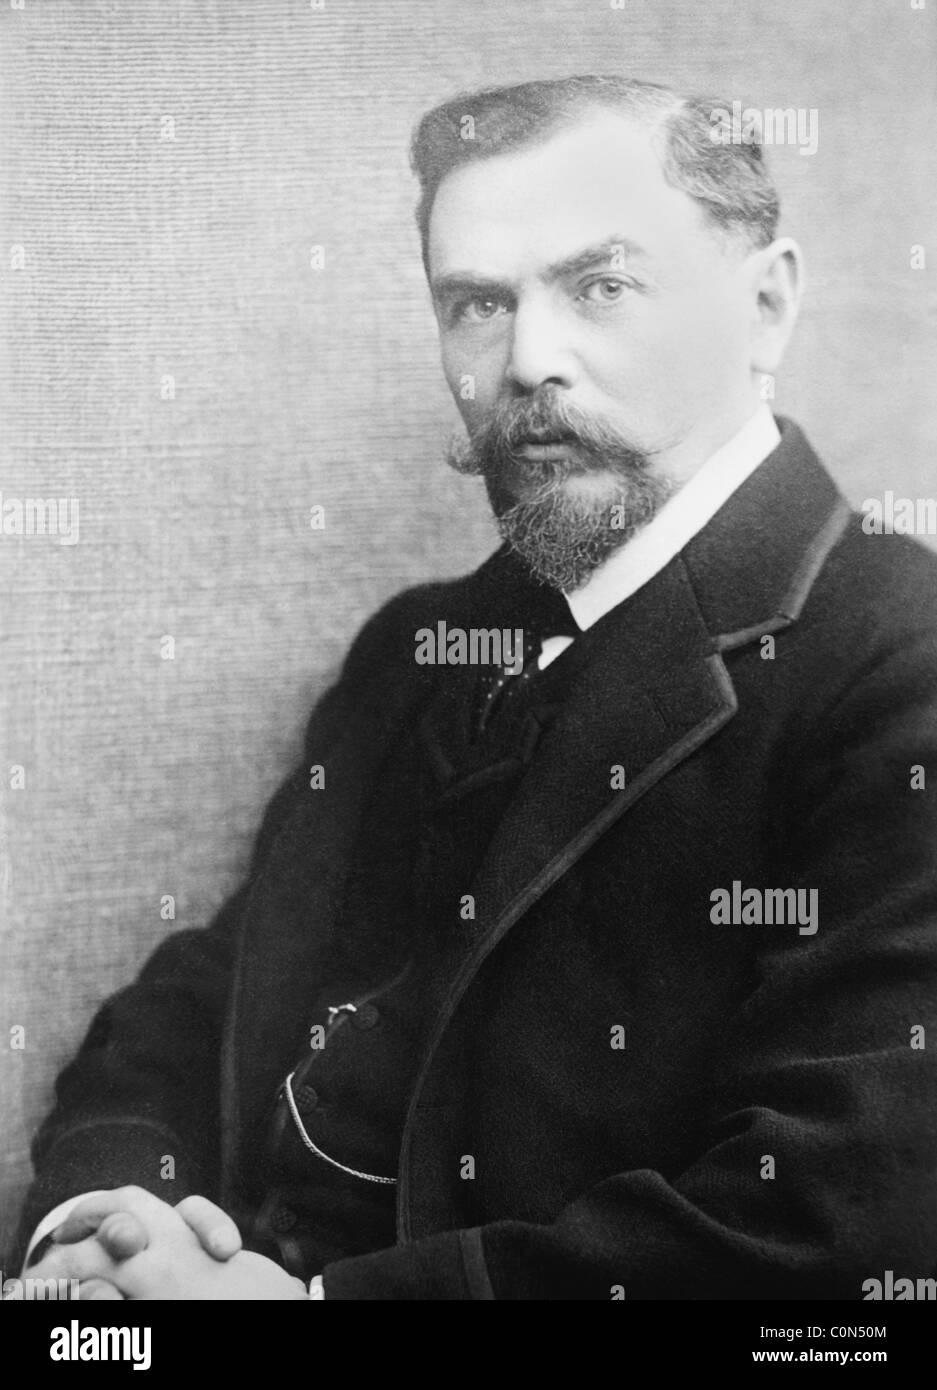 Periodista y pacifista judío austríaco Alfred Hermann Fried (1864 - 1921) - co-ganador del Premio Nobel Imagen De Stock